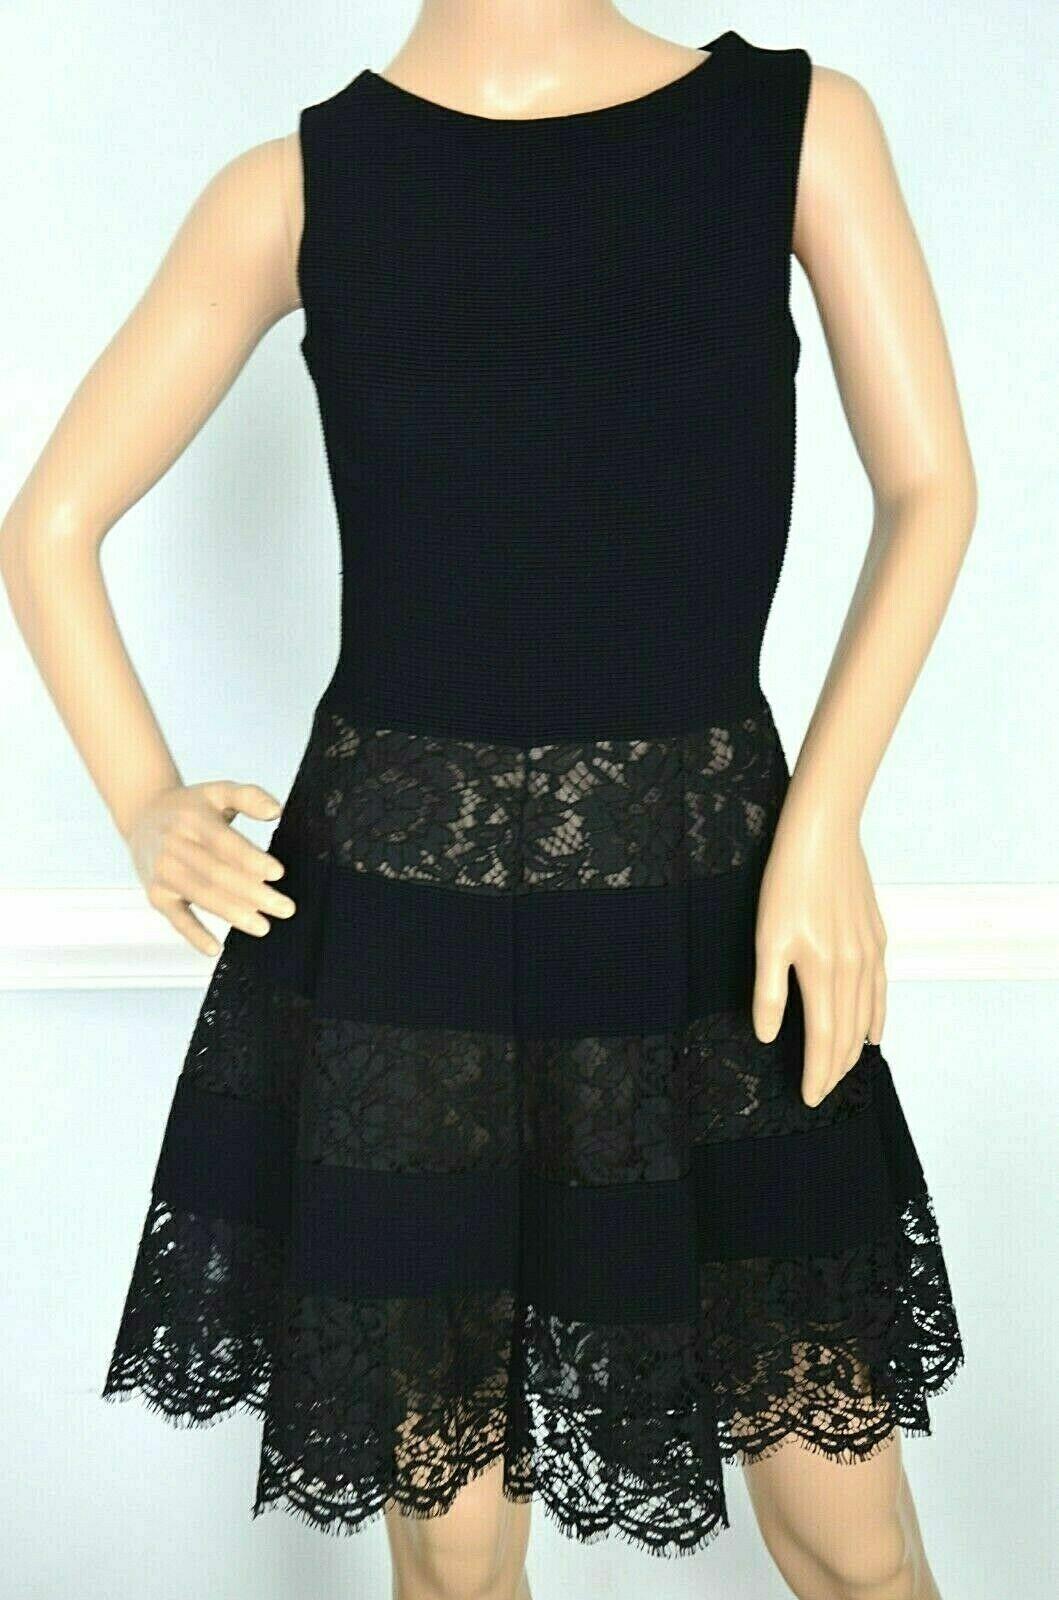 VALENTINO  Panel De Encaje Floral Cóctel Negro una línea vestido 40 42 4 US 6 pequeñas  70% de descuento